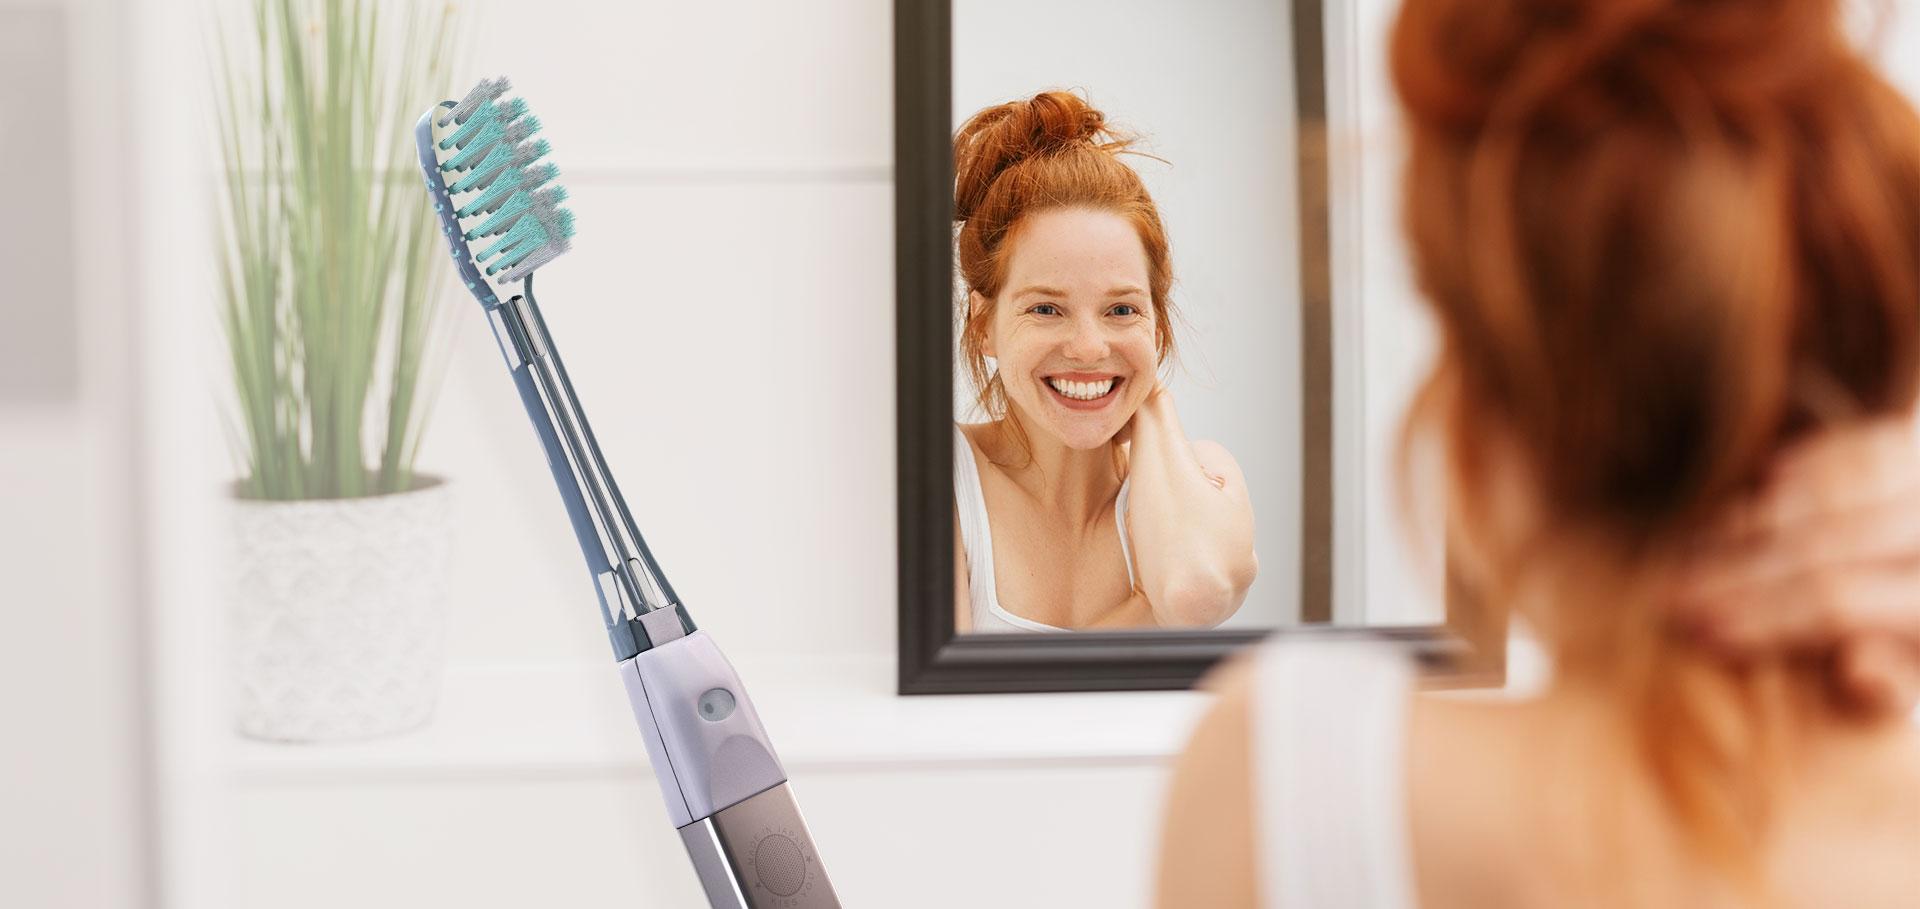 Manuální zubní kartáček IONICKISS ORIGINAL v koupelně se smějící se slečnou